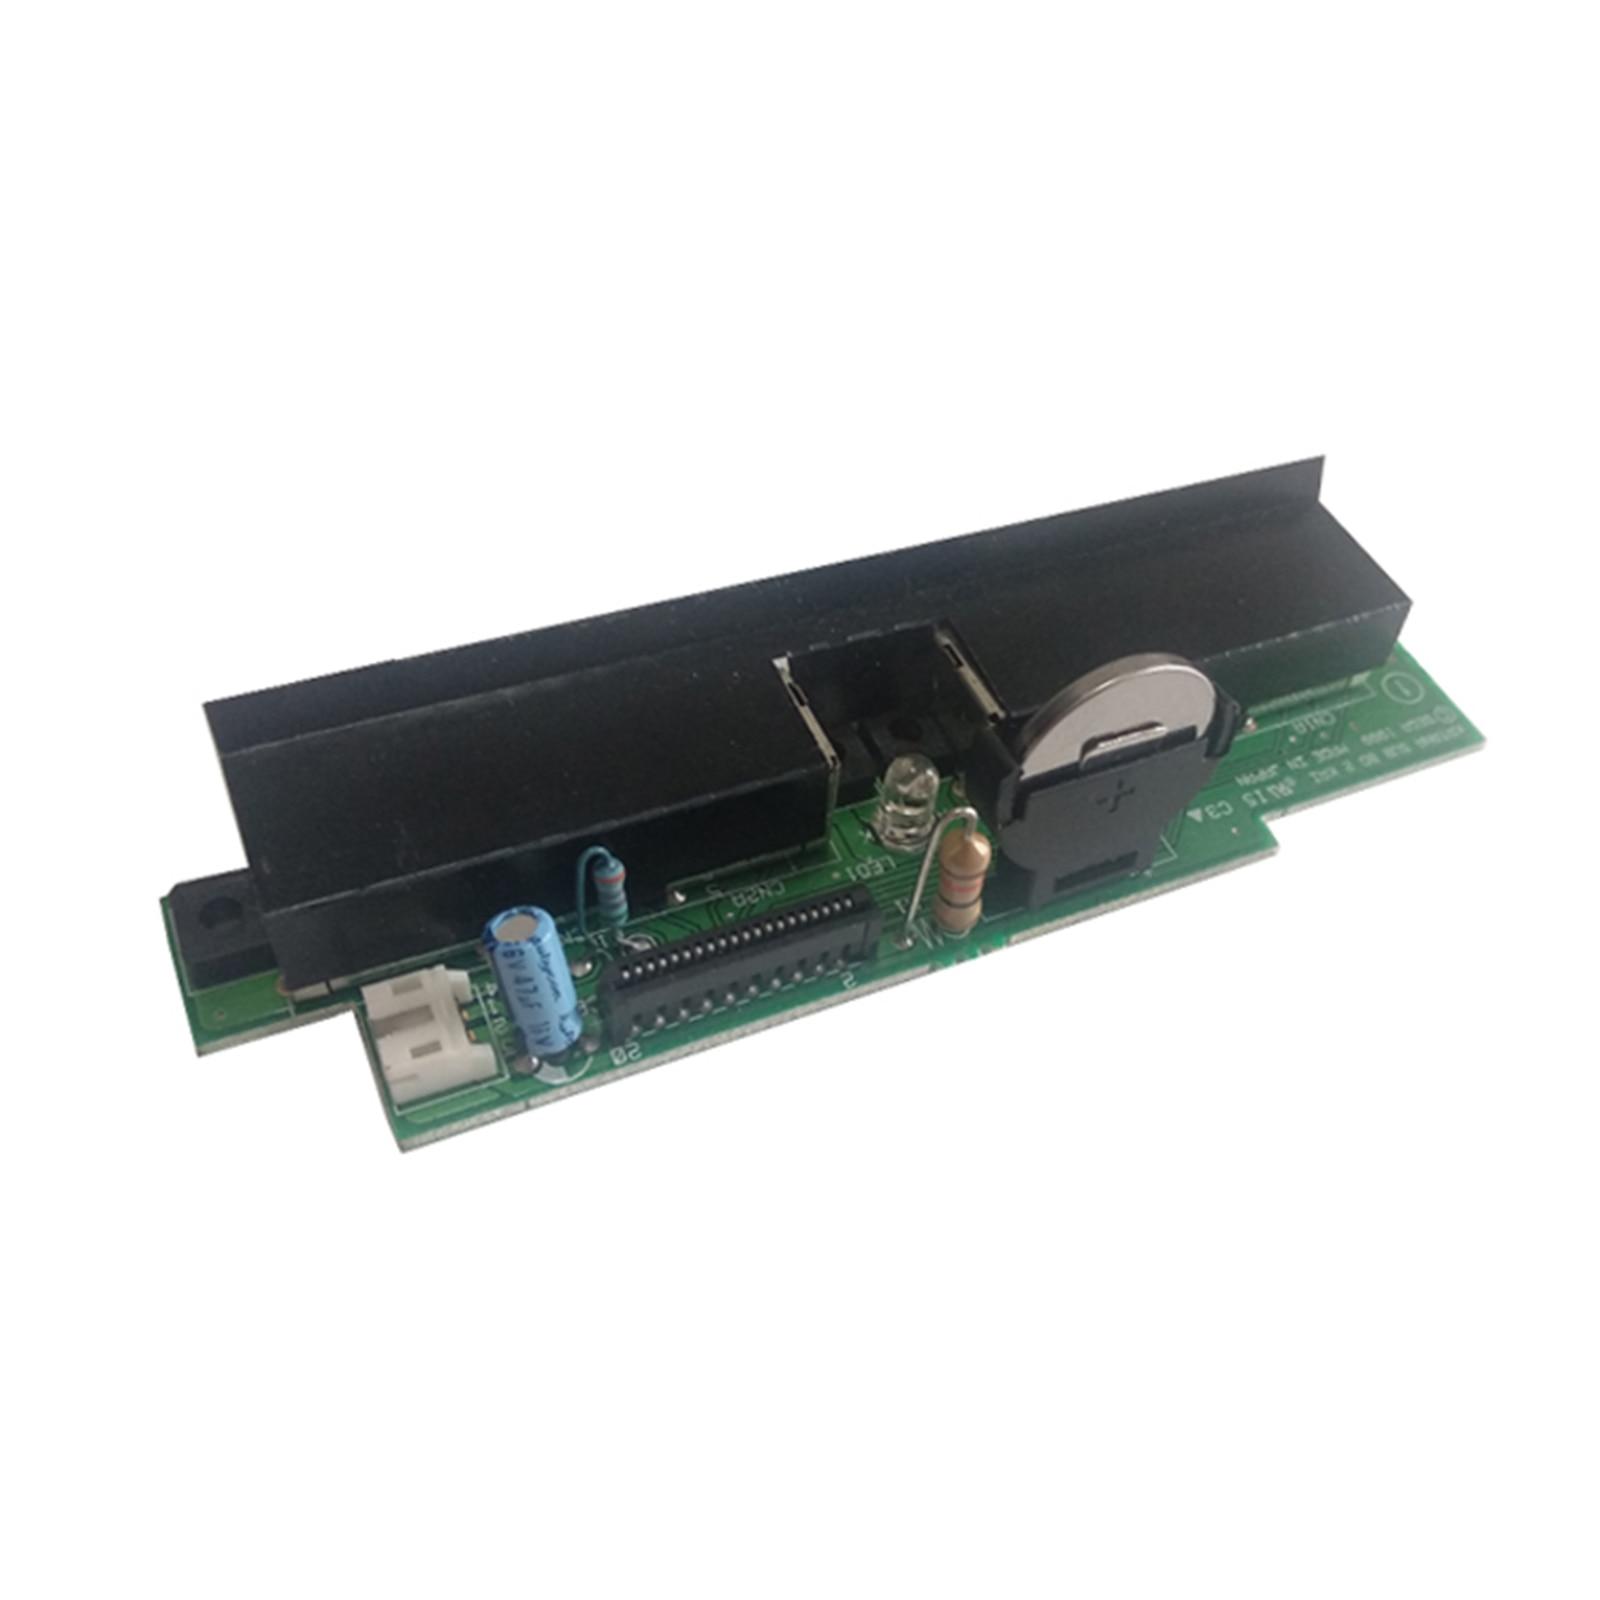 Разъем Слот 2 Pin 3 Pin для контроллера Sega Dreamcast DC джойстик Подключение Разъем Слот консоль